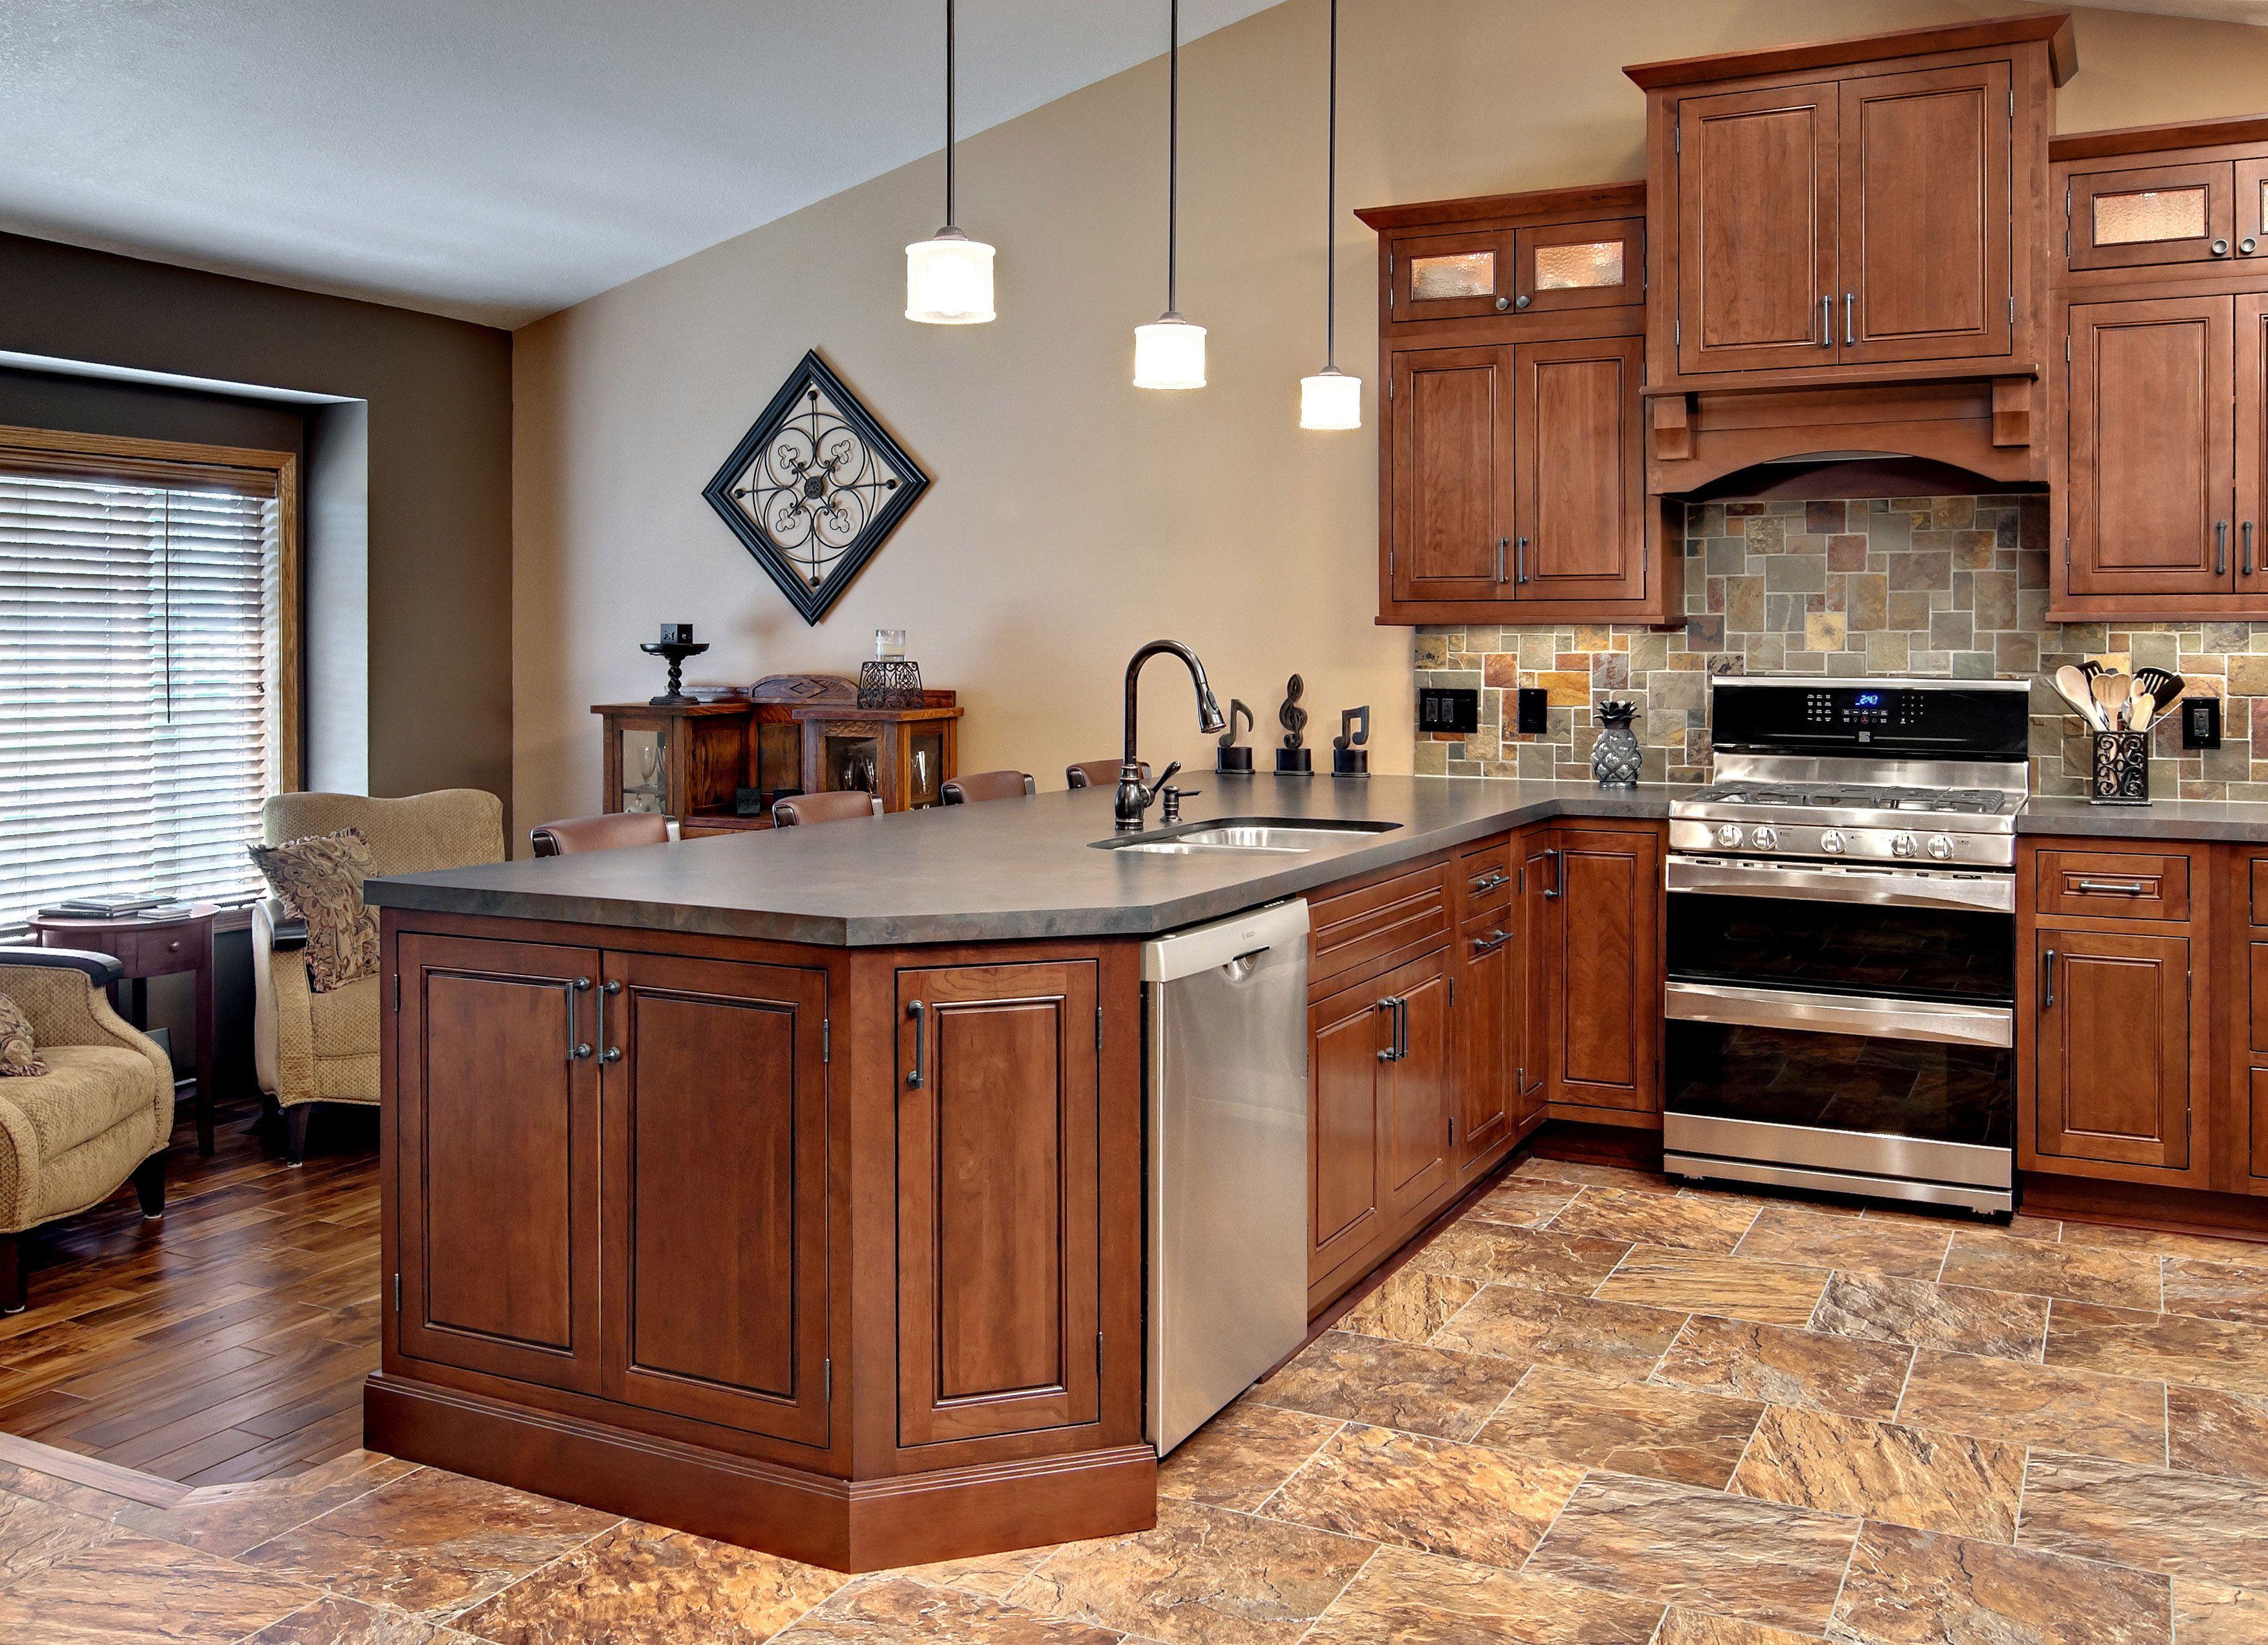 Mueble de cocina con Desayunador personalizado. | Muebles de Cocina ...